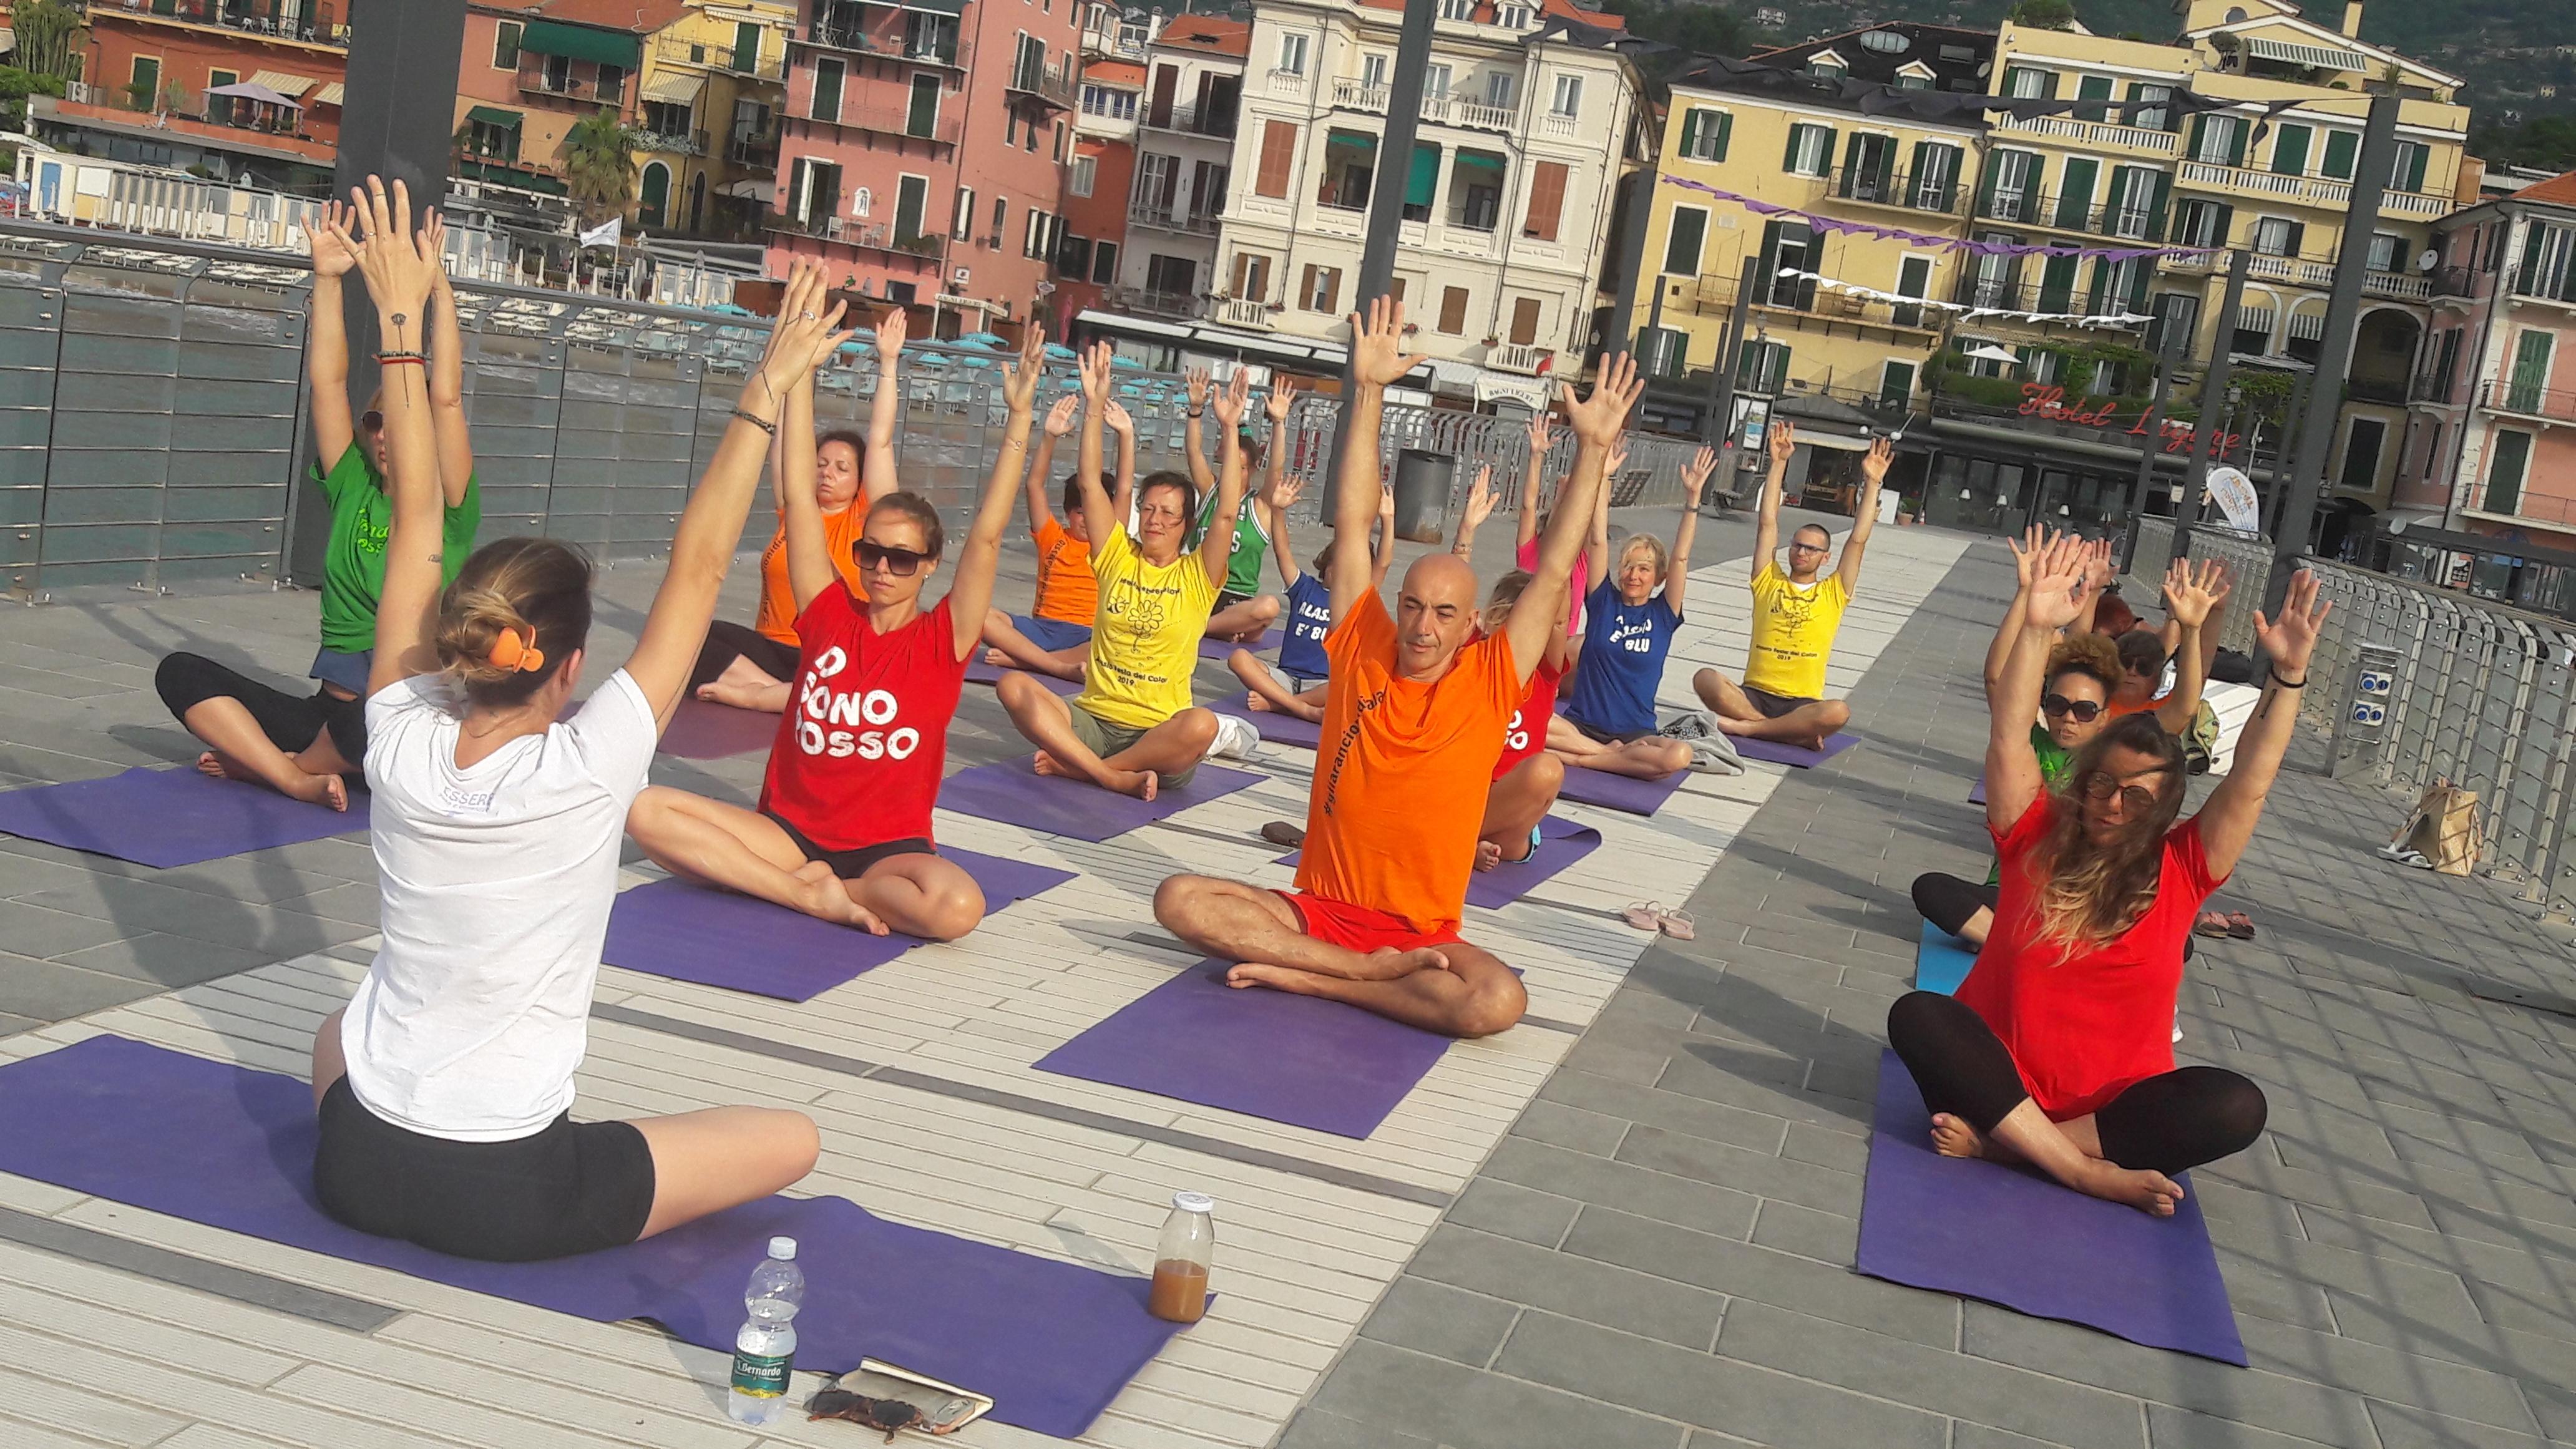 Alassio-united-colors-of-yoga-free-gratuito-per-tutti-festa-colori-lucia-ragazzi-essere-benessere-2